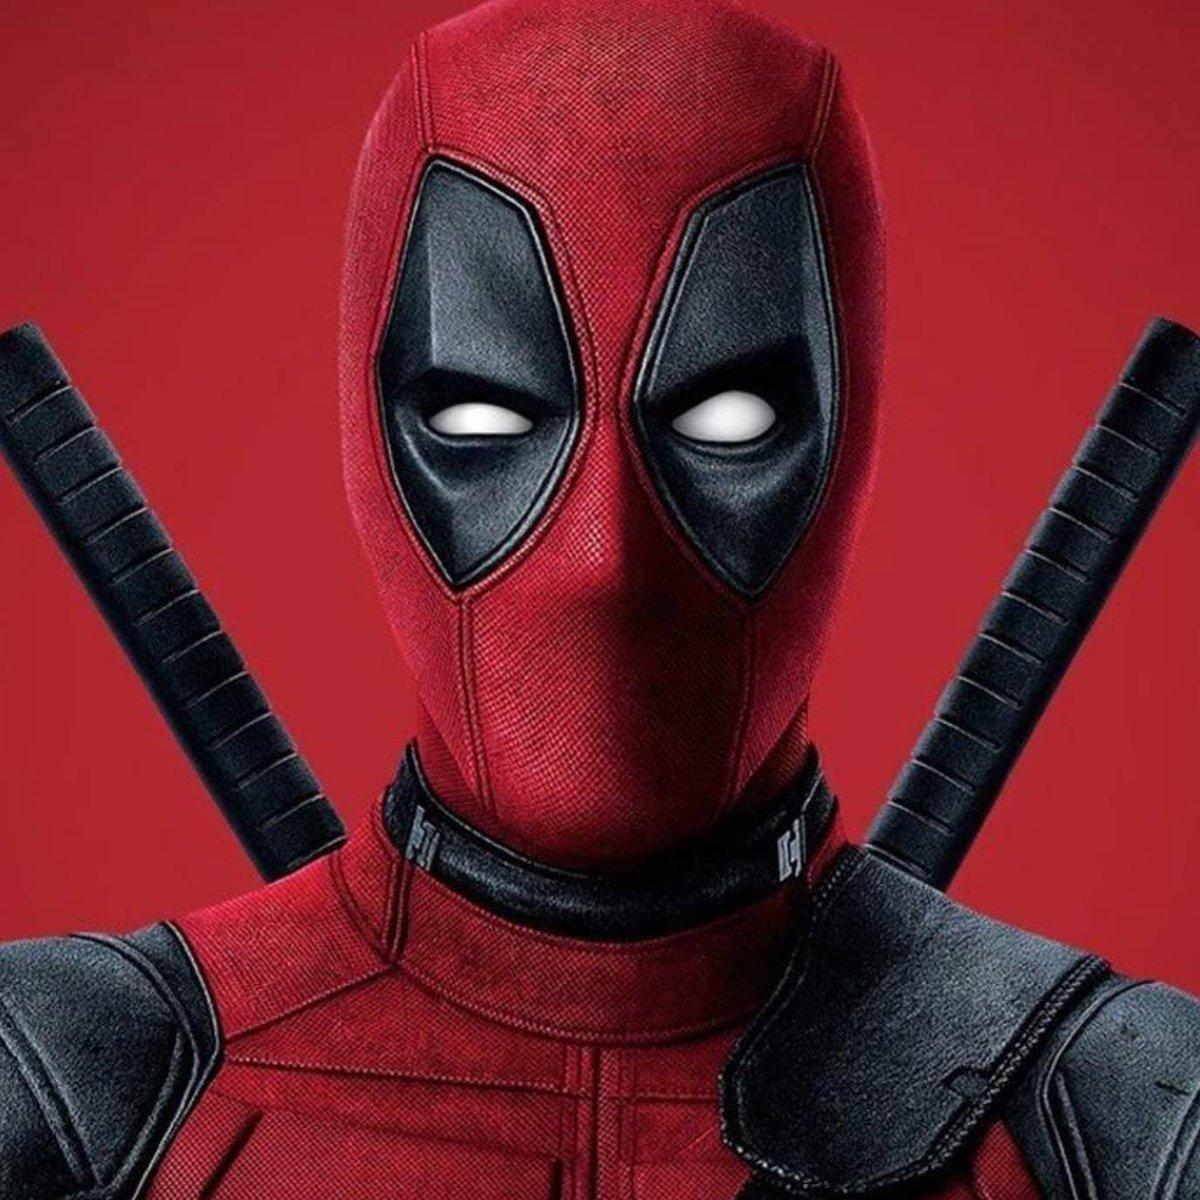 #KevinFeige confirmó que #Deadpool3 será clasificación R y formará parte del #UCM. ❤️  El guion será escrito por #WendyMolyneuxy#LizzieMolyneuxLoeglin y supervisado por #RyanReynolds.   @Collider   #Deadpool